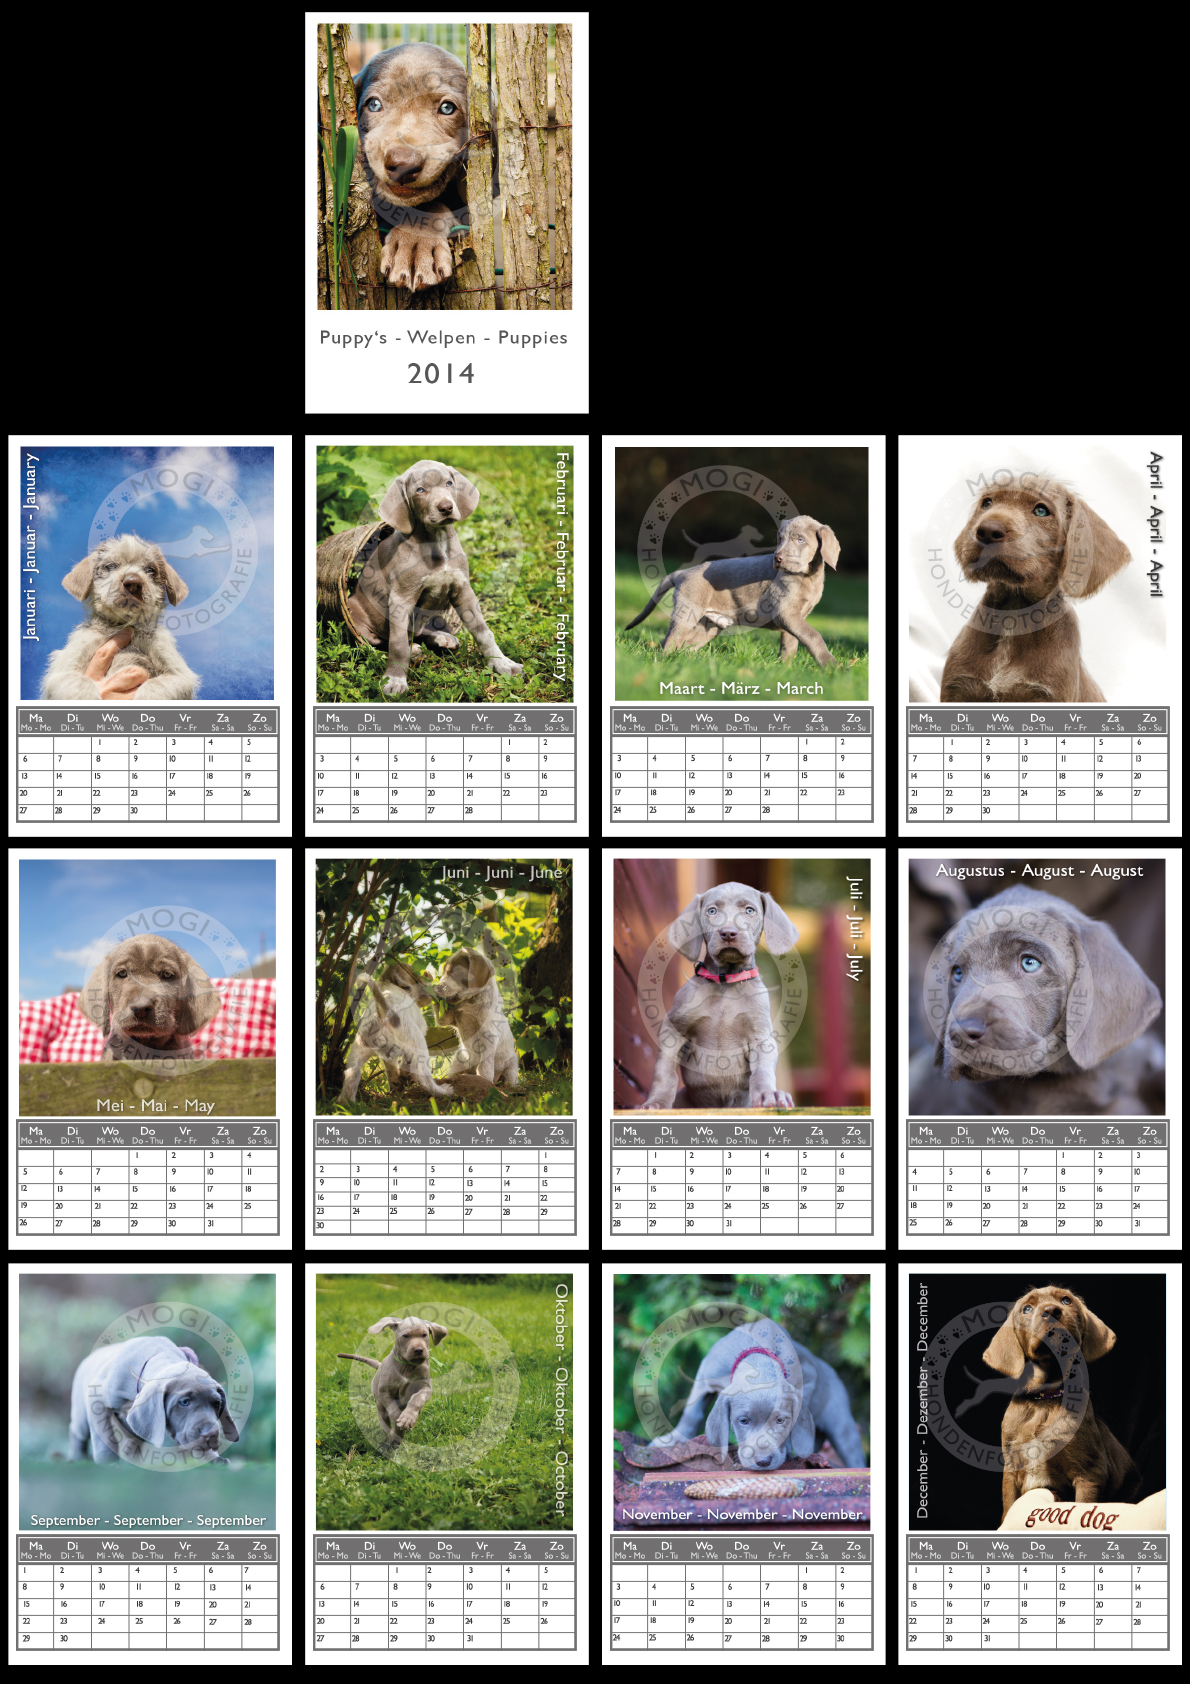 Mogi Hondenfotografie, kalender 2014, Slowaakse Ruwharige Staande Hond pups